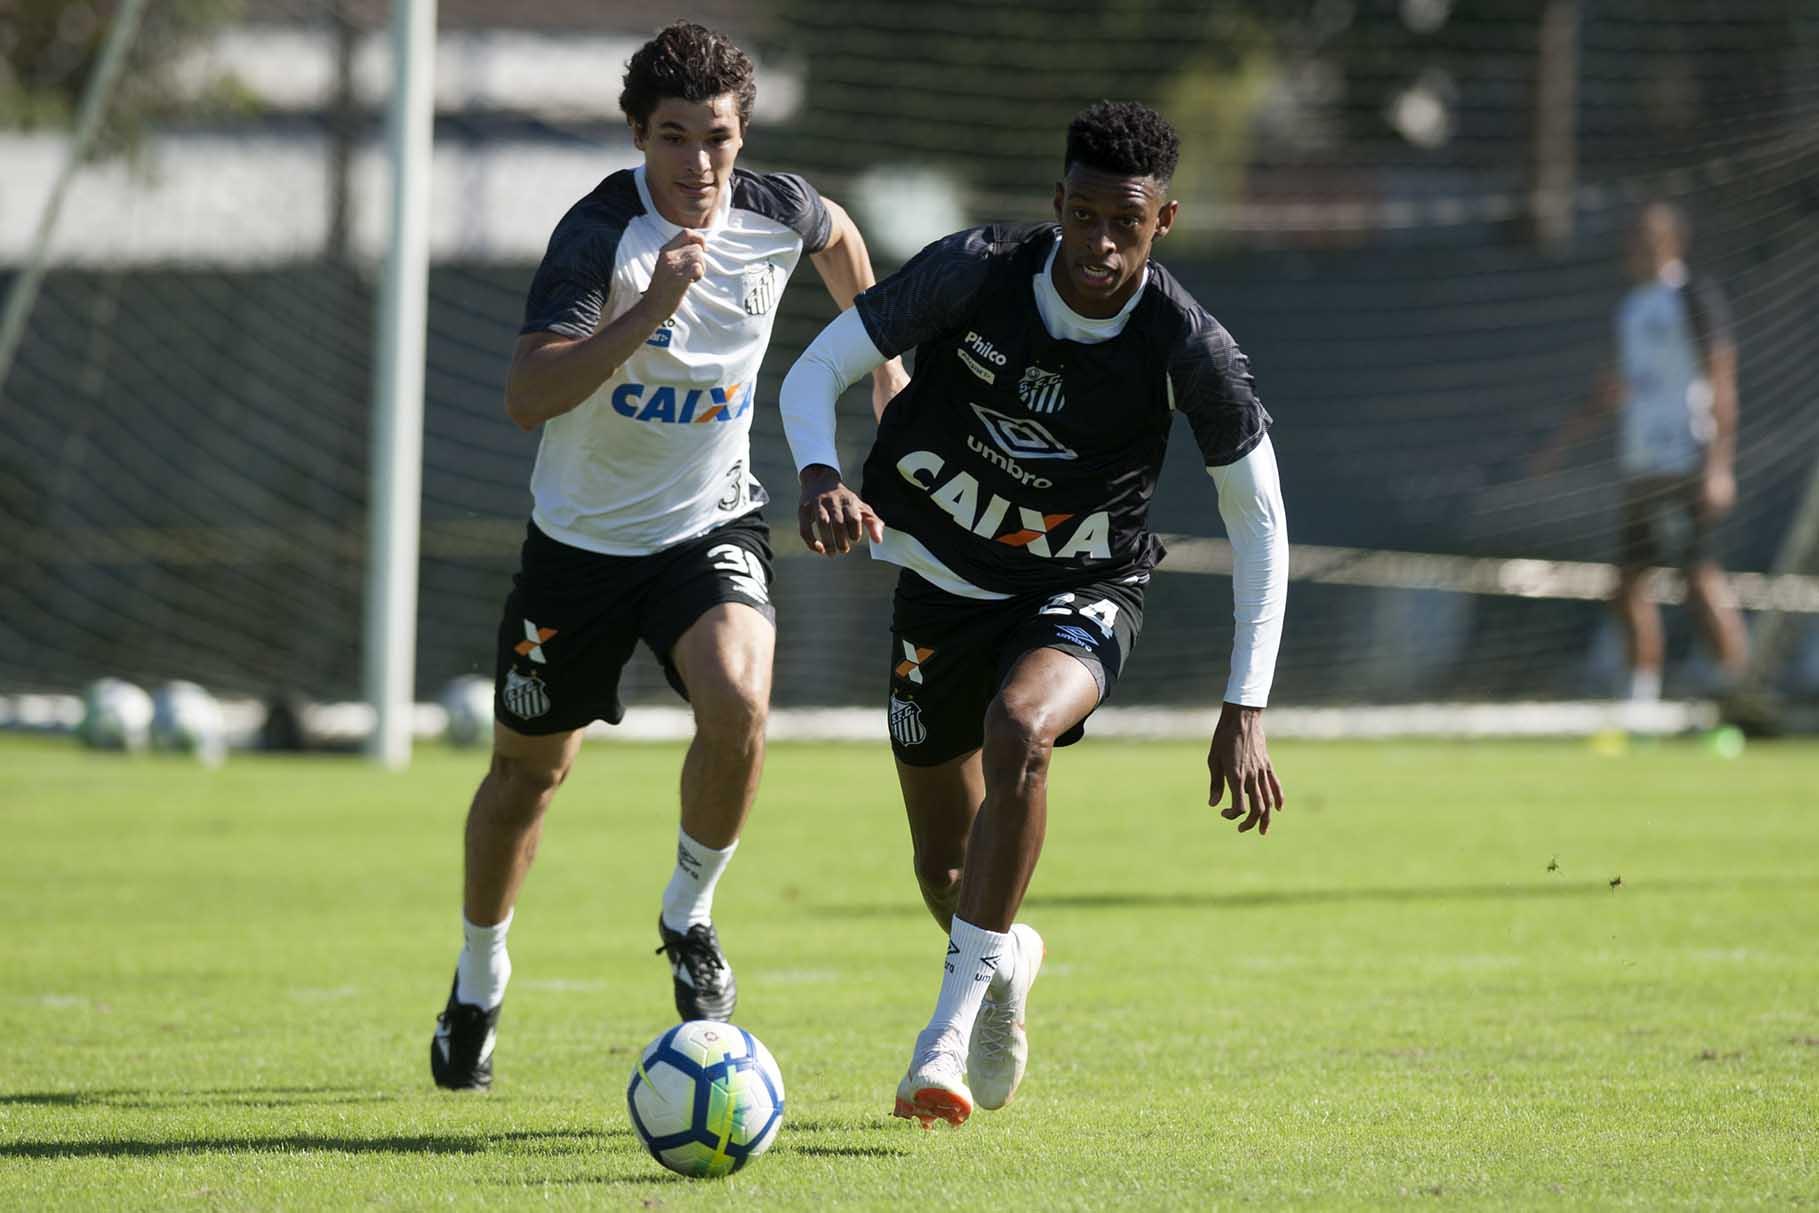 Jogadores em fim de contrato com o Santos